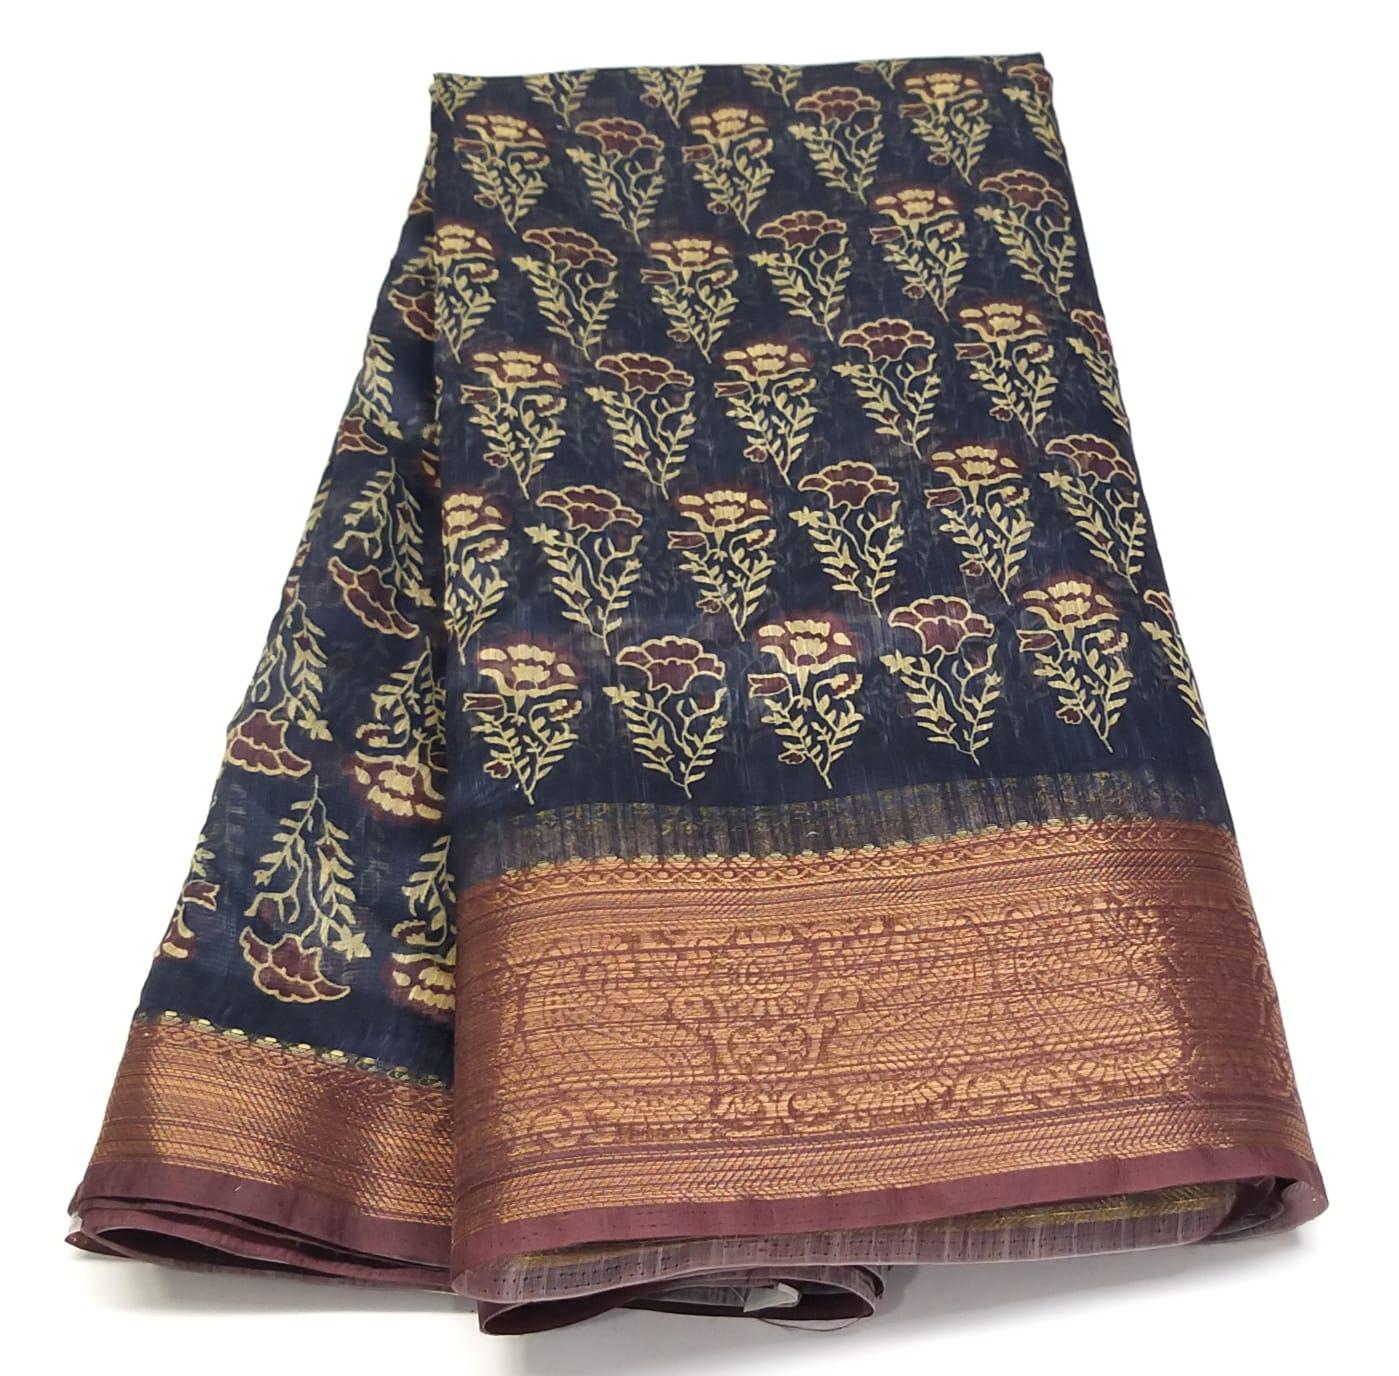 Rambha-1 Voilet Cotton Saree